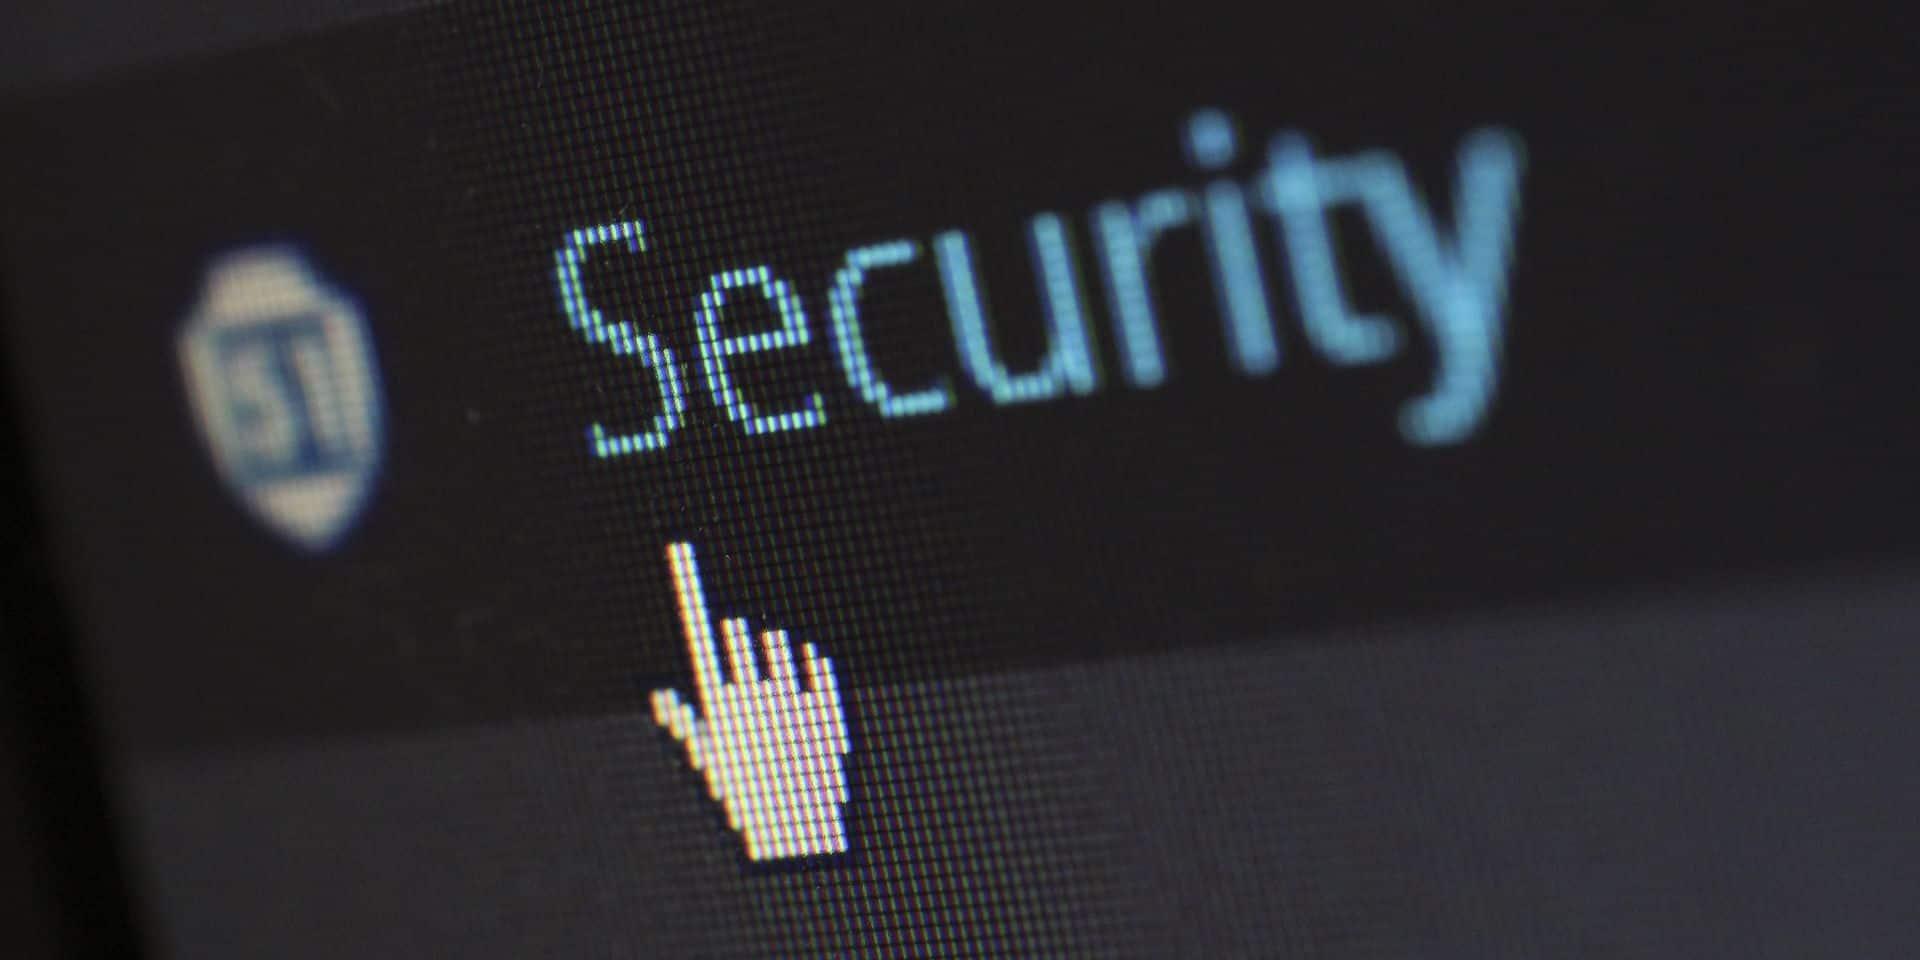 Avec le Coronavirus, les hackers en profitent pour faire des affaires en or : voici comment ne pas se faire avoir !